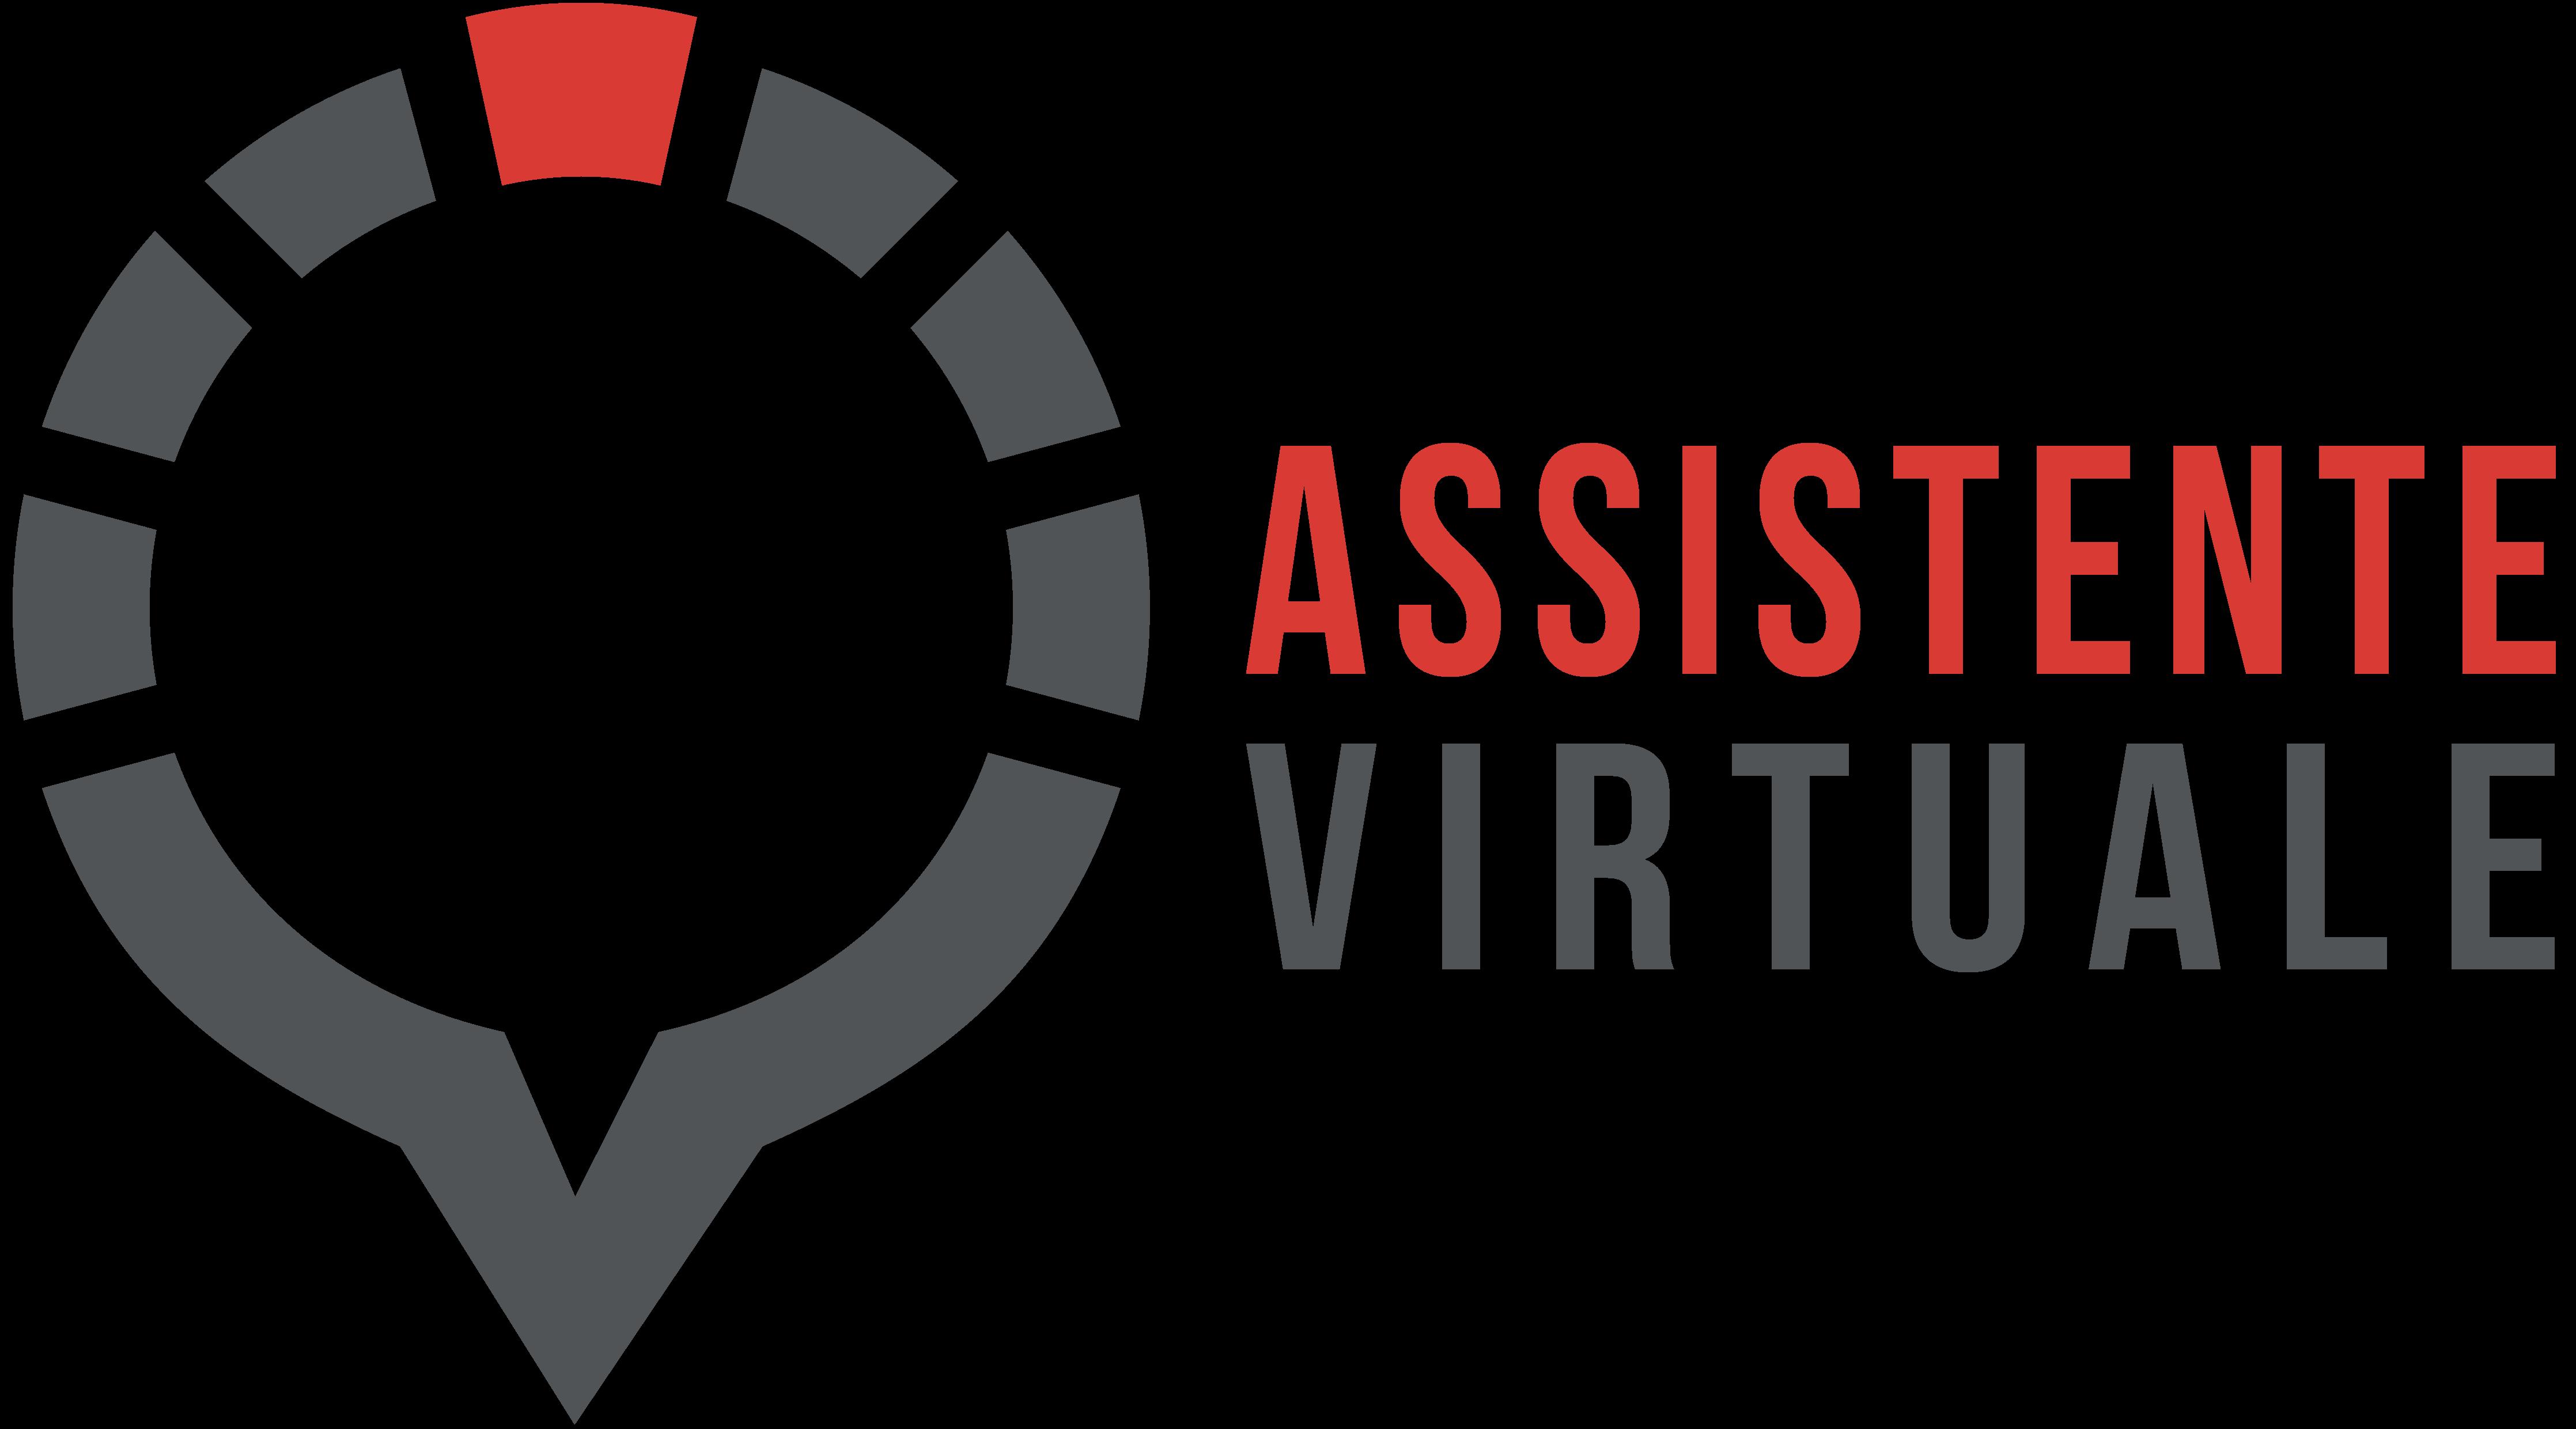 Assistente Virtuale